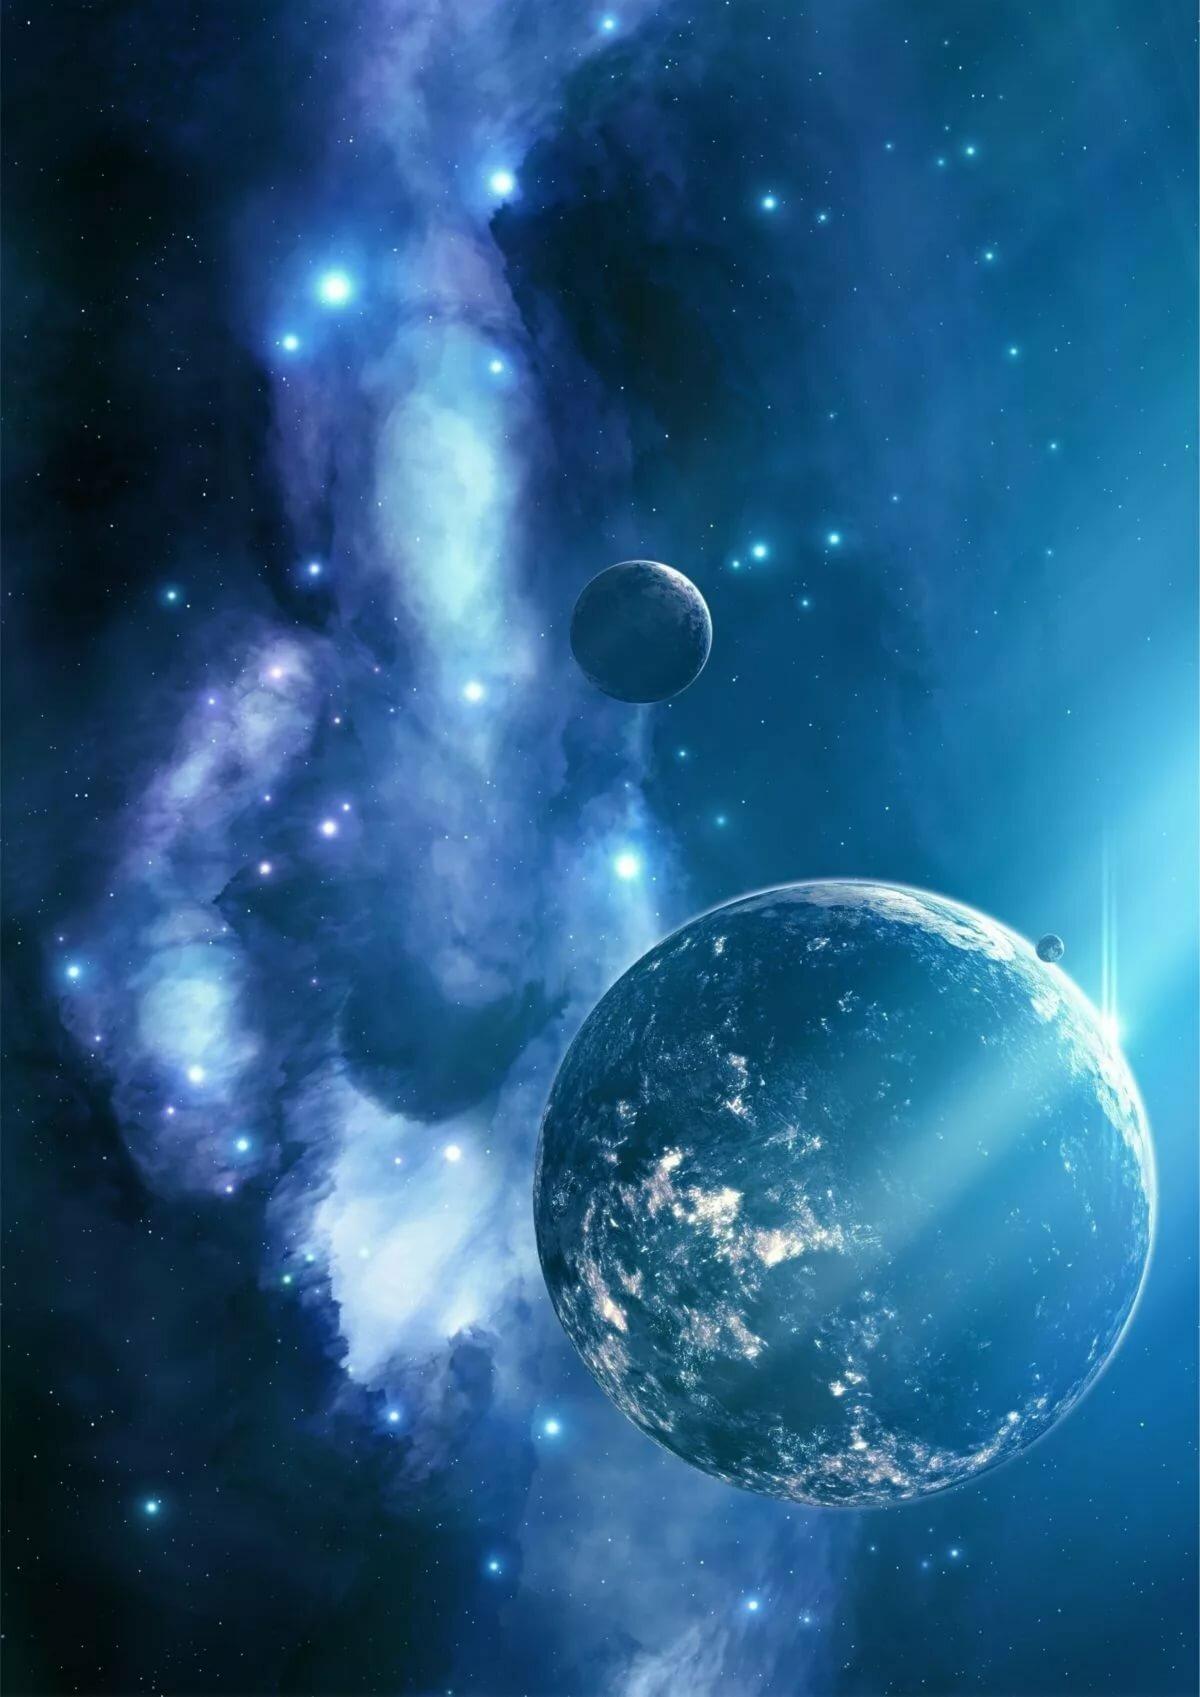 Картинки космос вселенная на телефон, днем знаний крещение